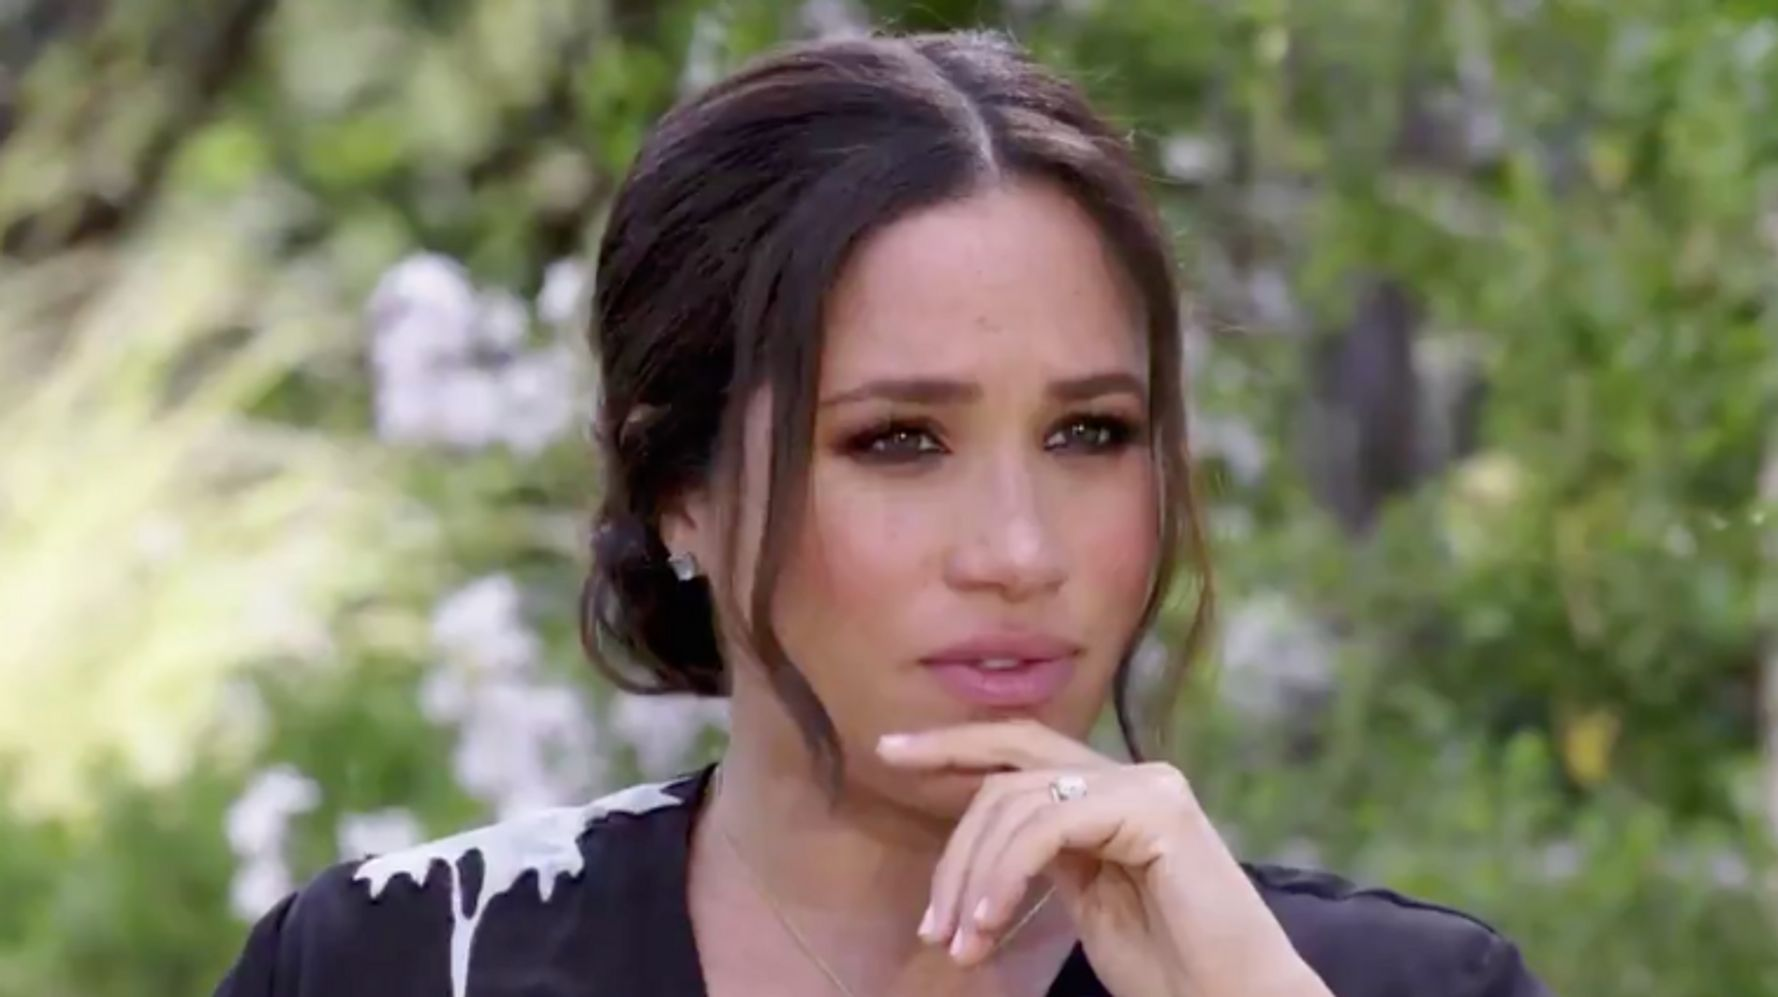 Меган Маркл говорит, что дворец «увековечивает ложь о нас» в новом клипе Опры